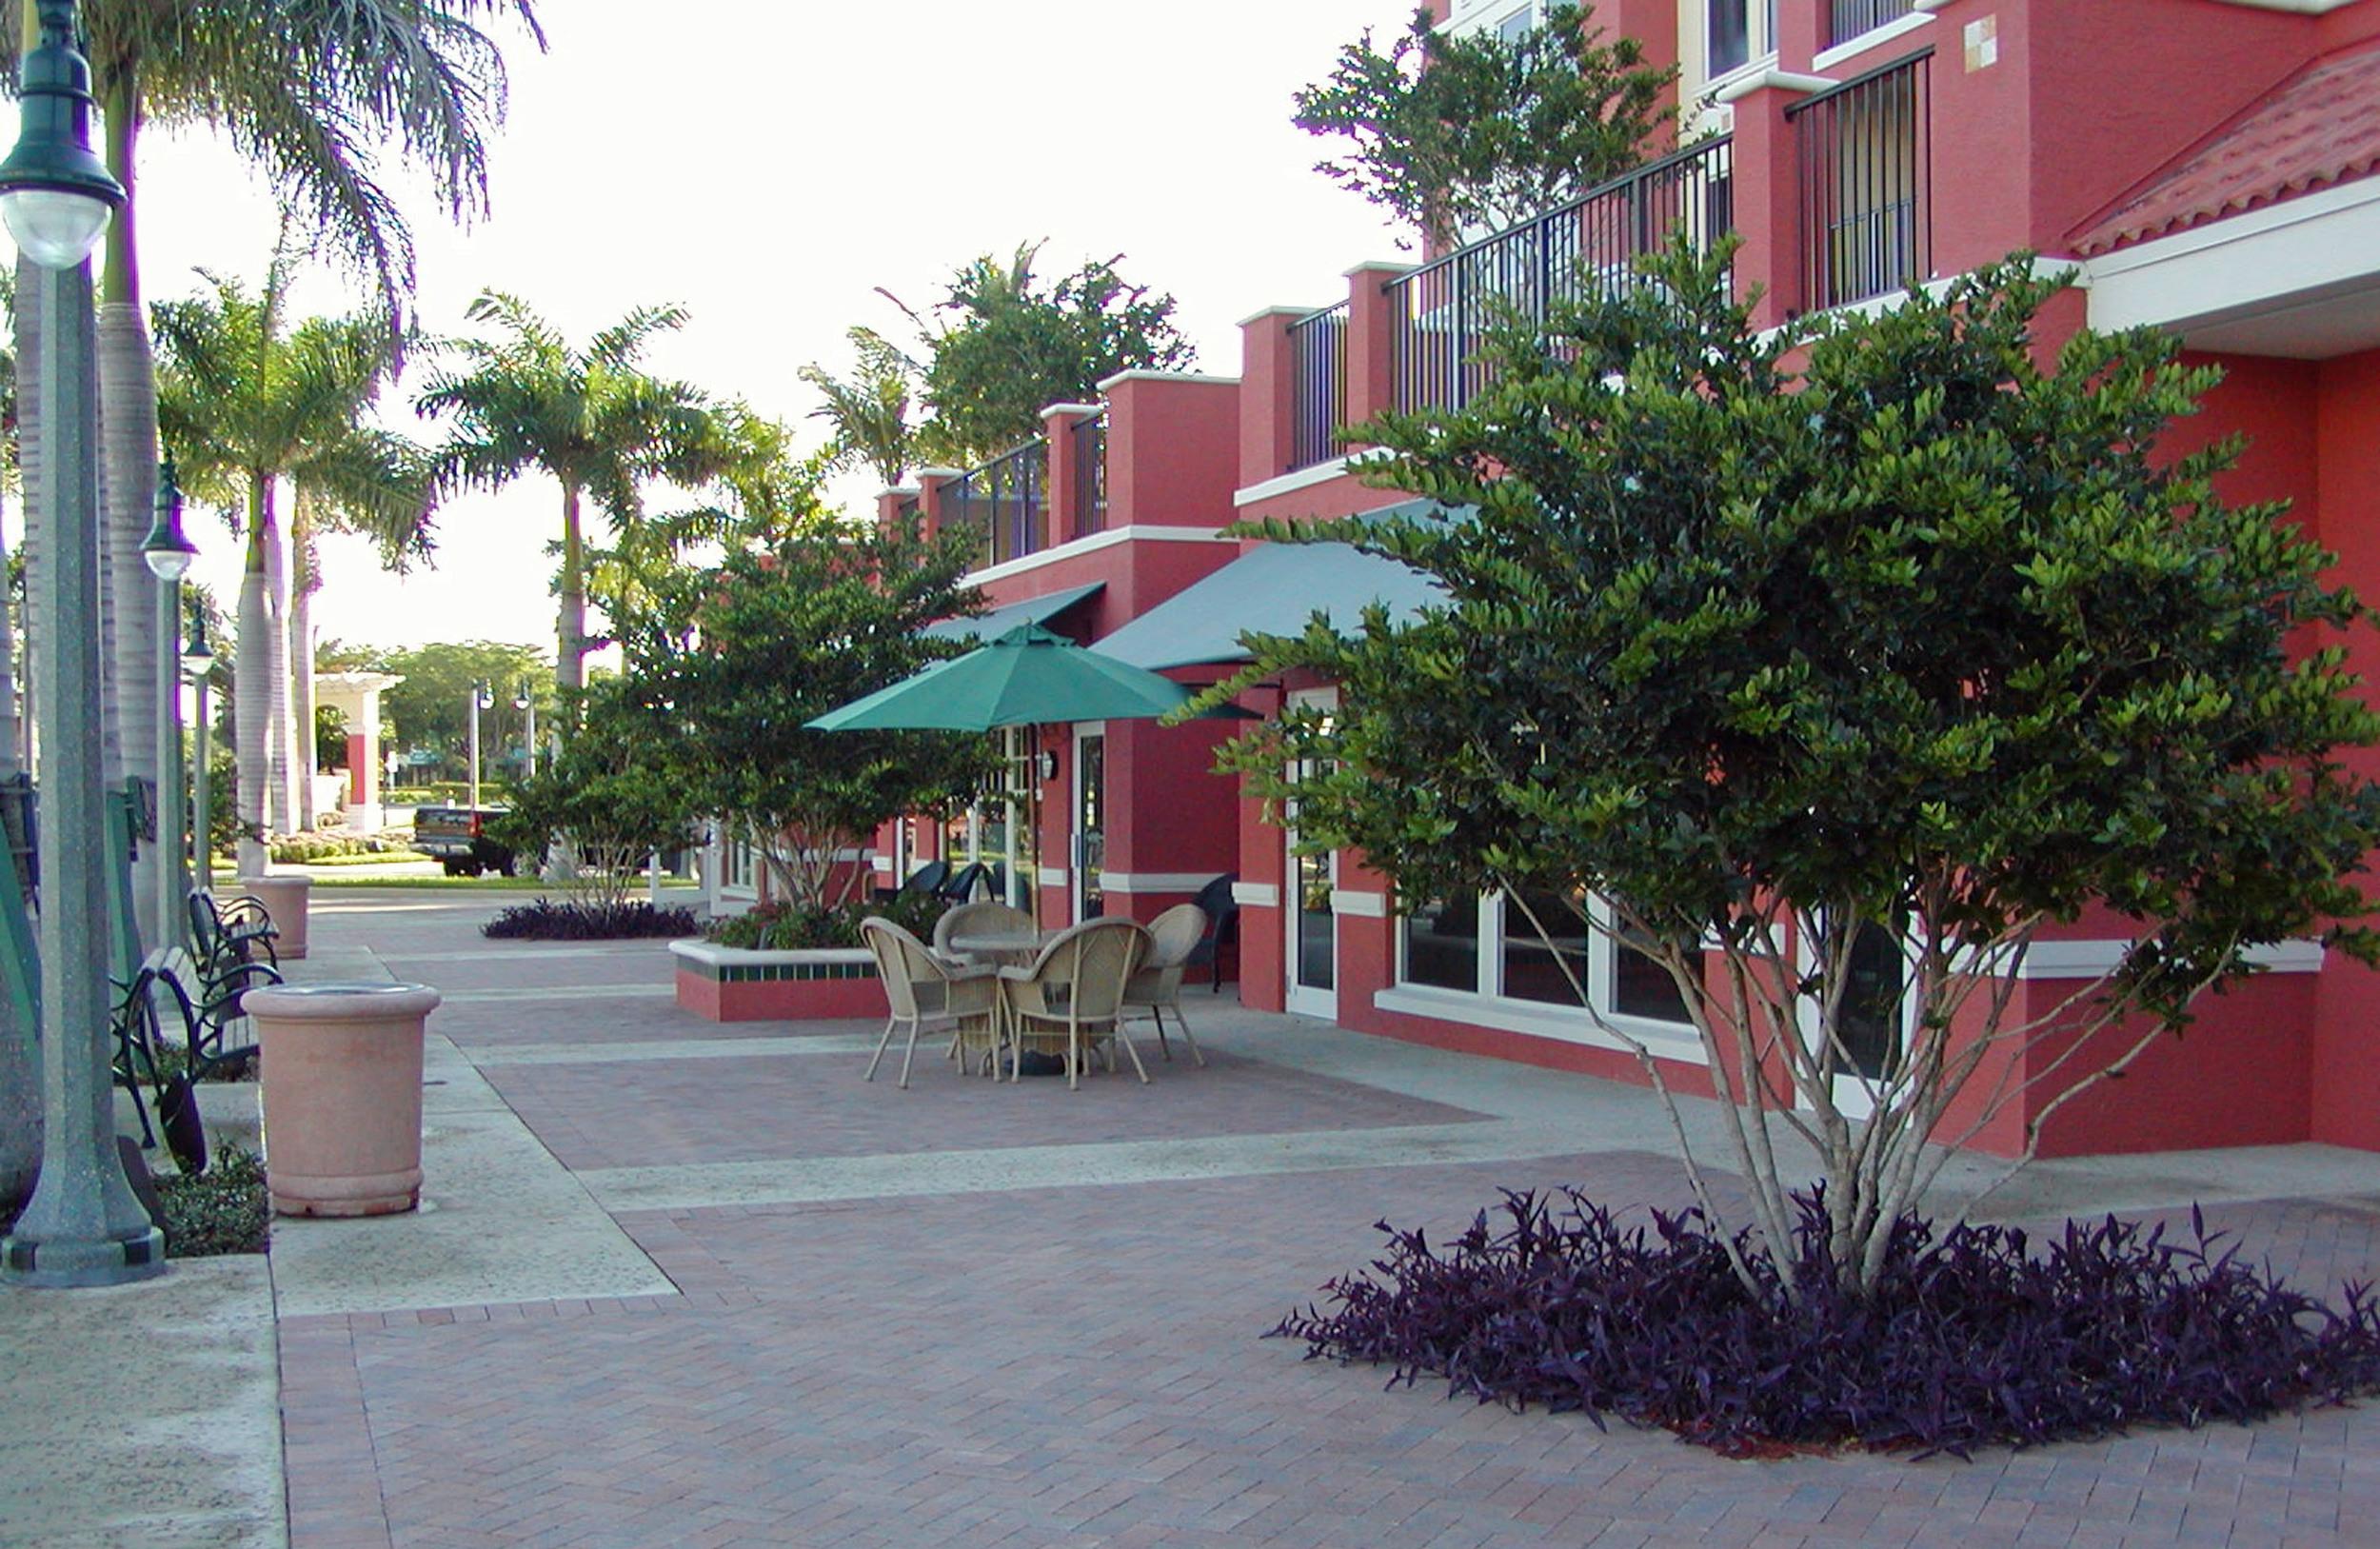 Jupiter Yacht Club Florida Retail Outdoor Seating.jpg